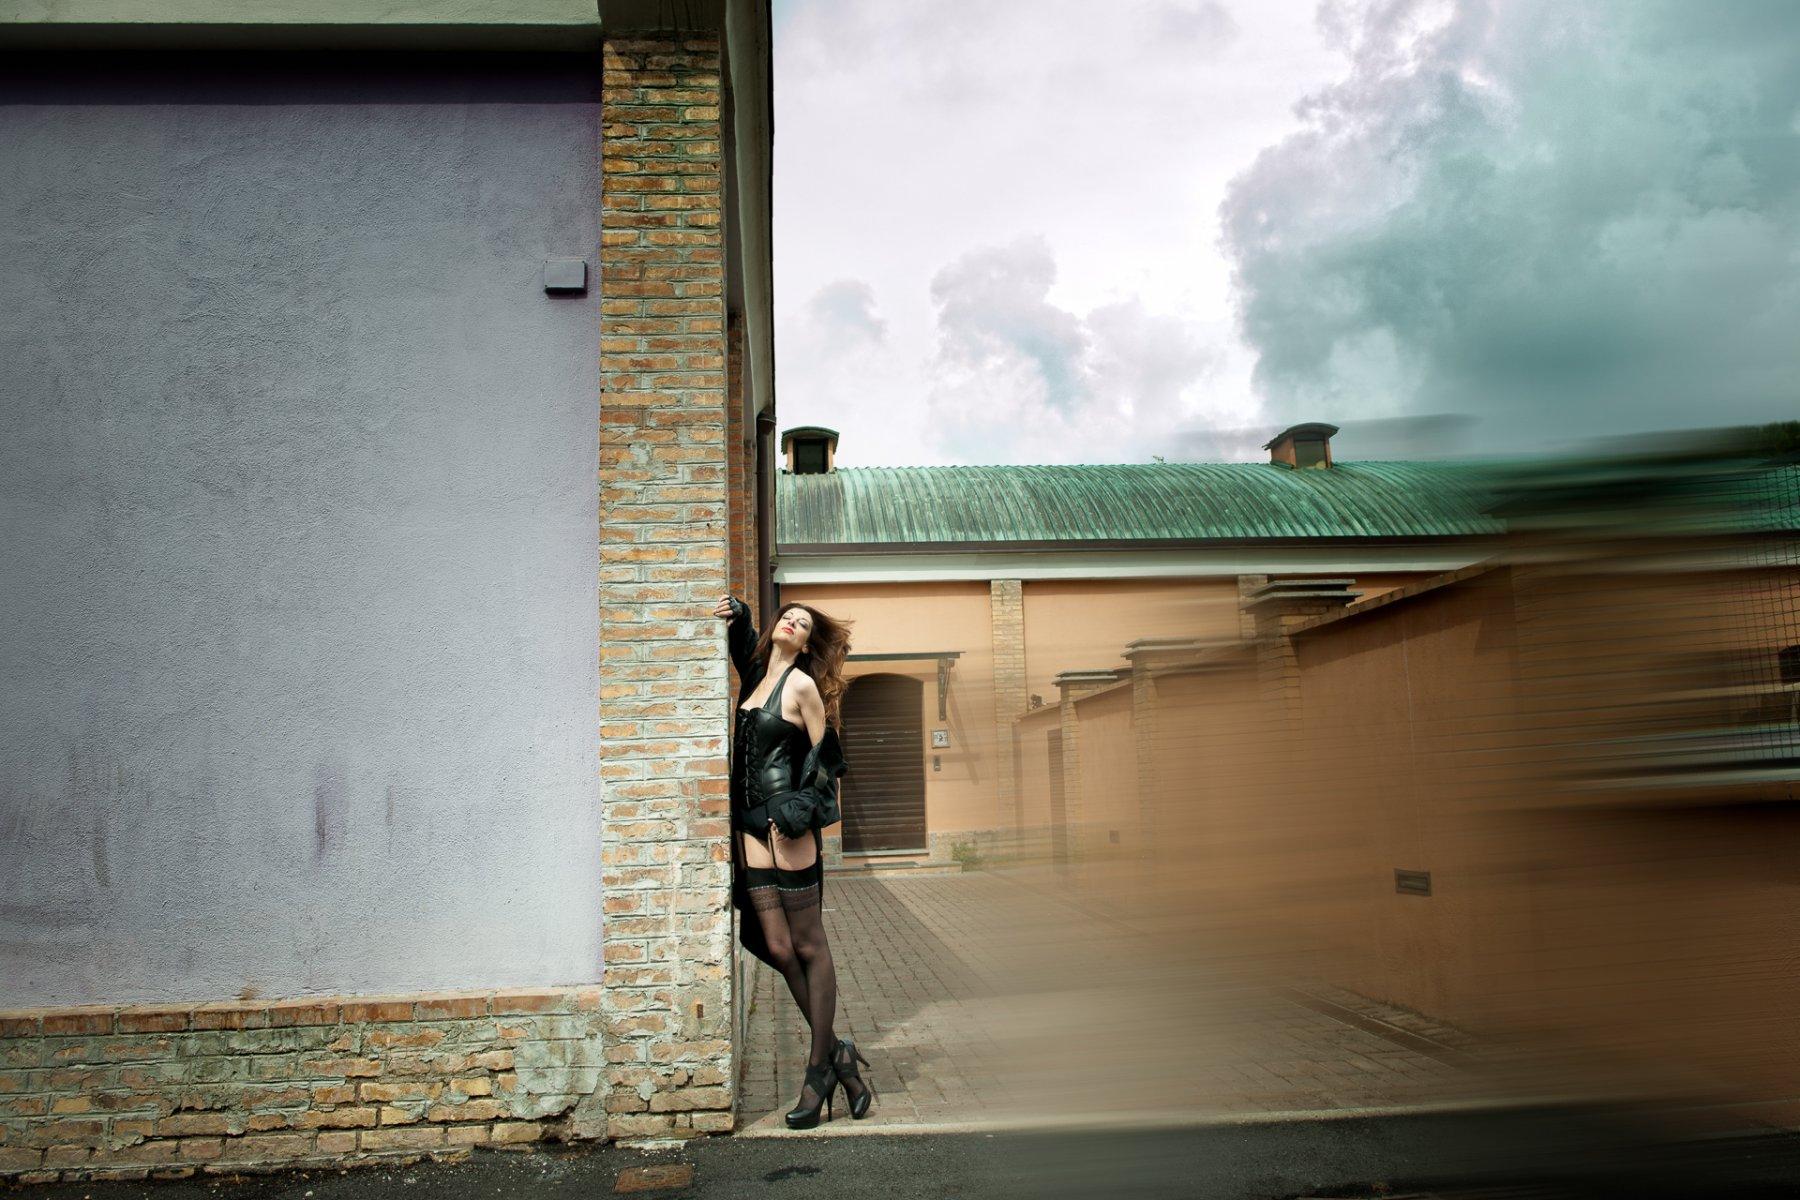 117-Alessandra-Casale Women (18+)